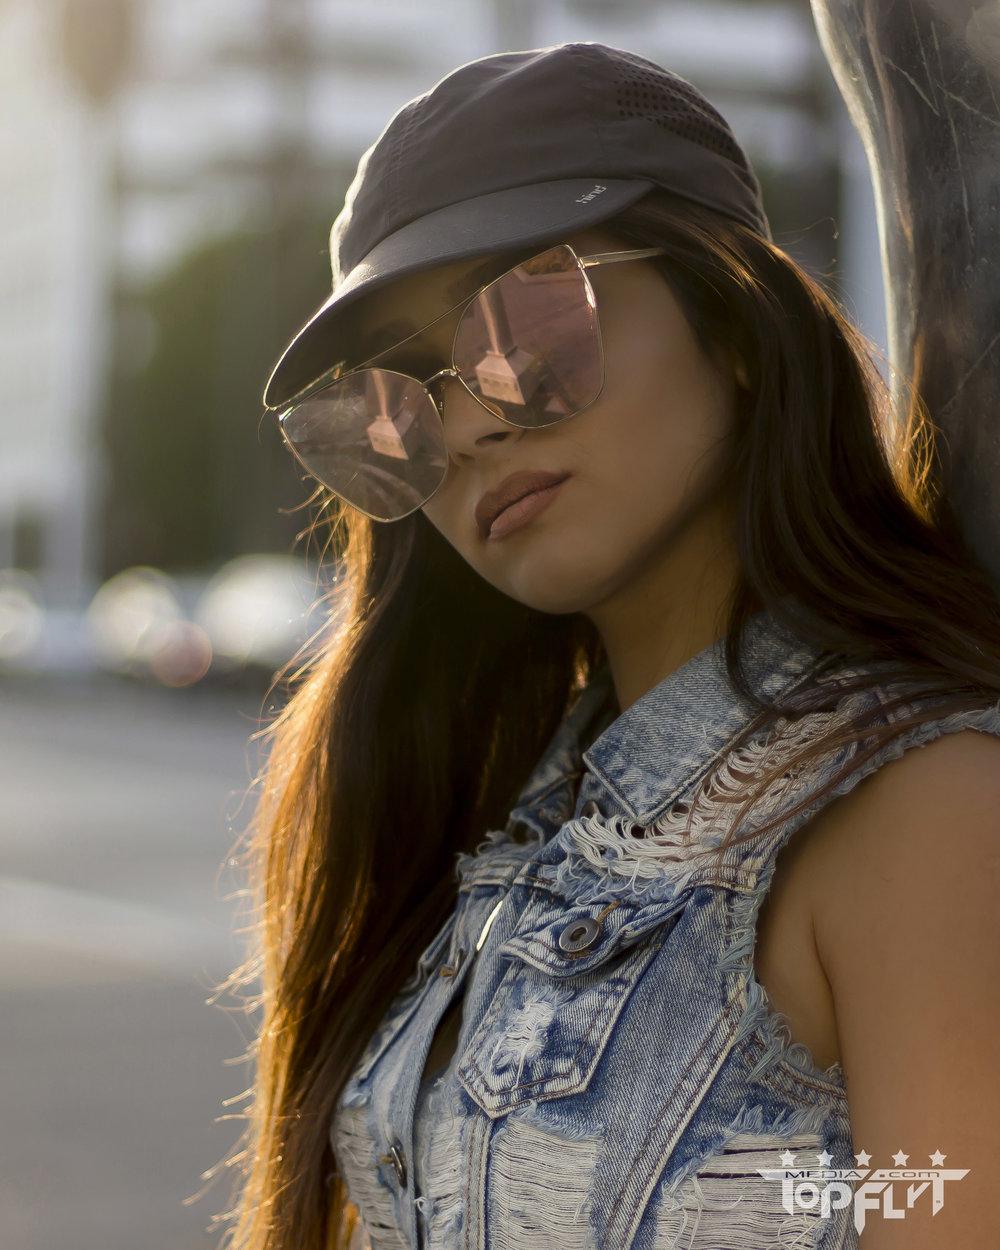 Rawan Mah - Actor & Model Headshots